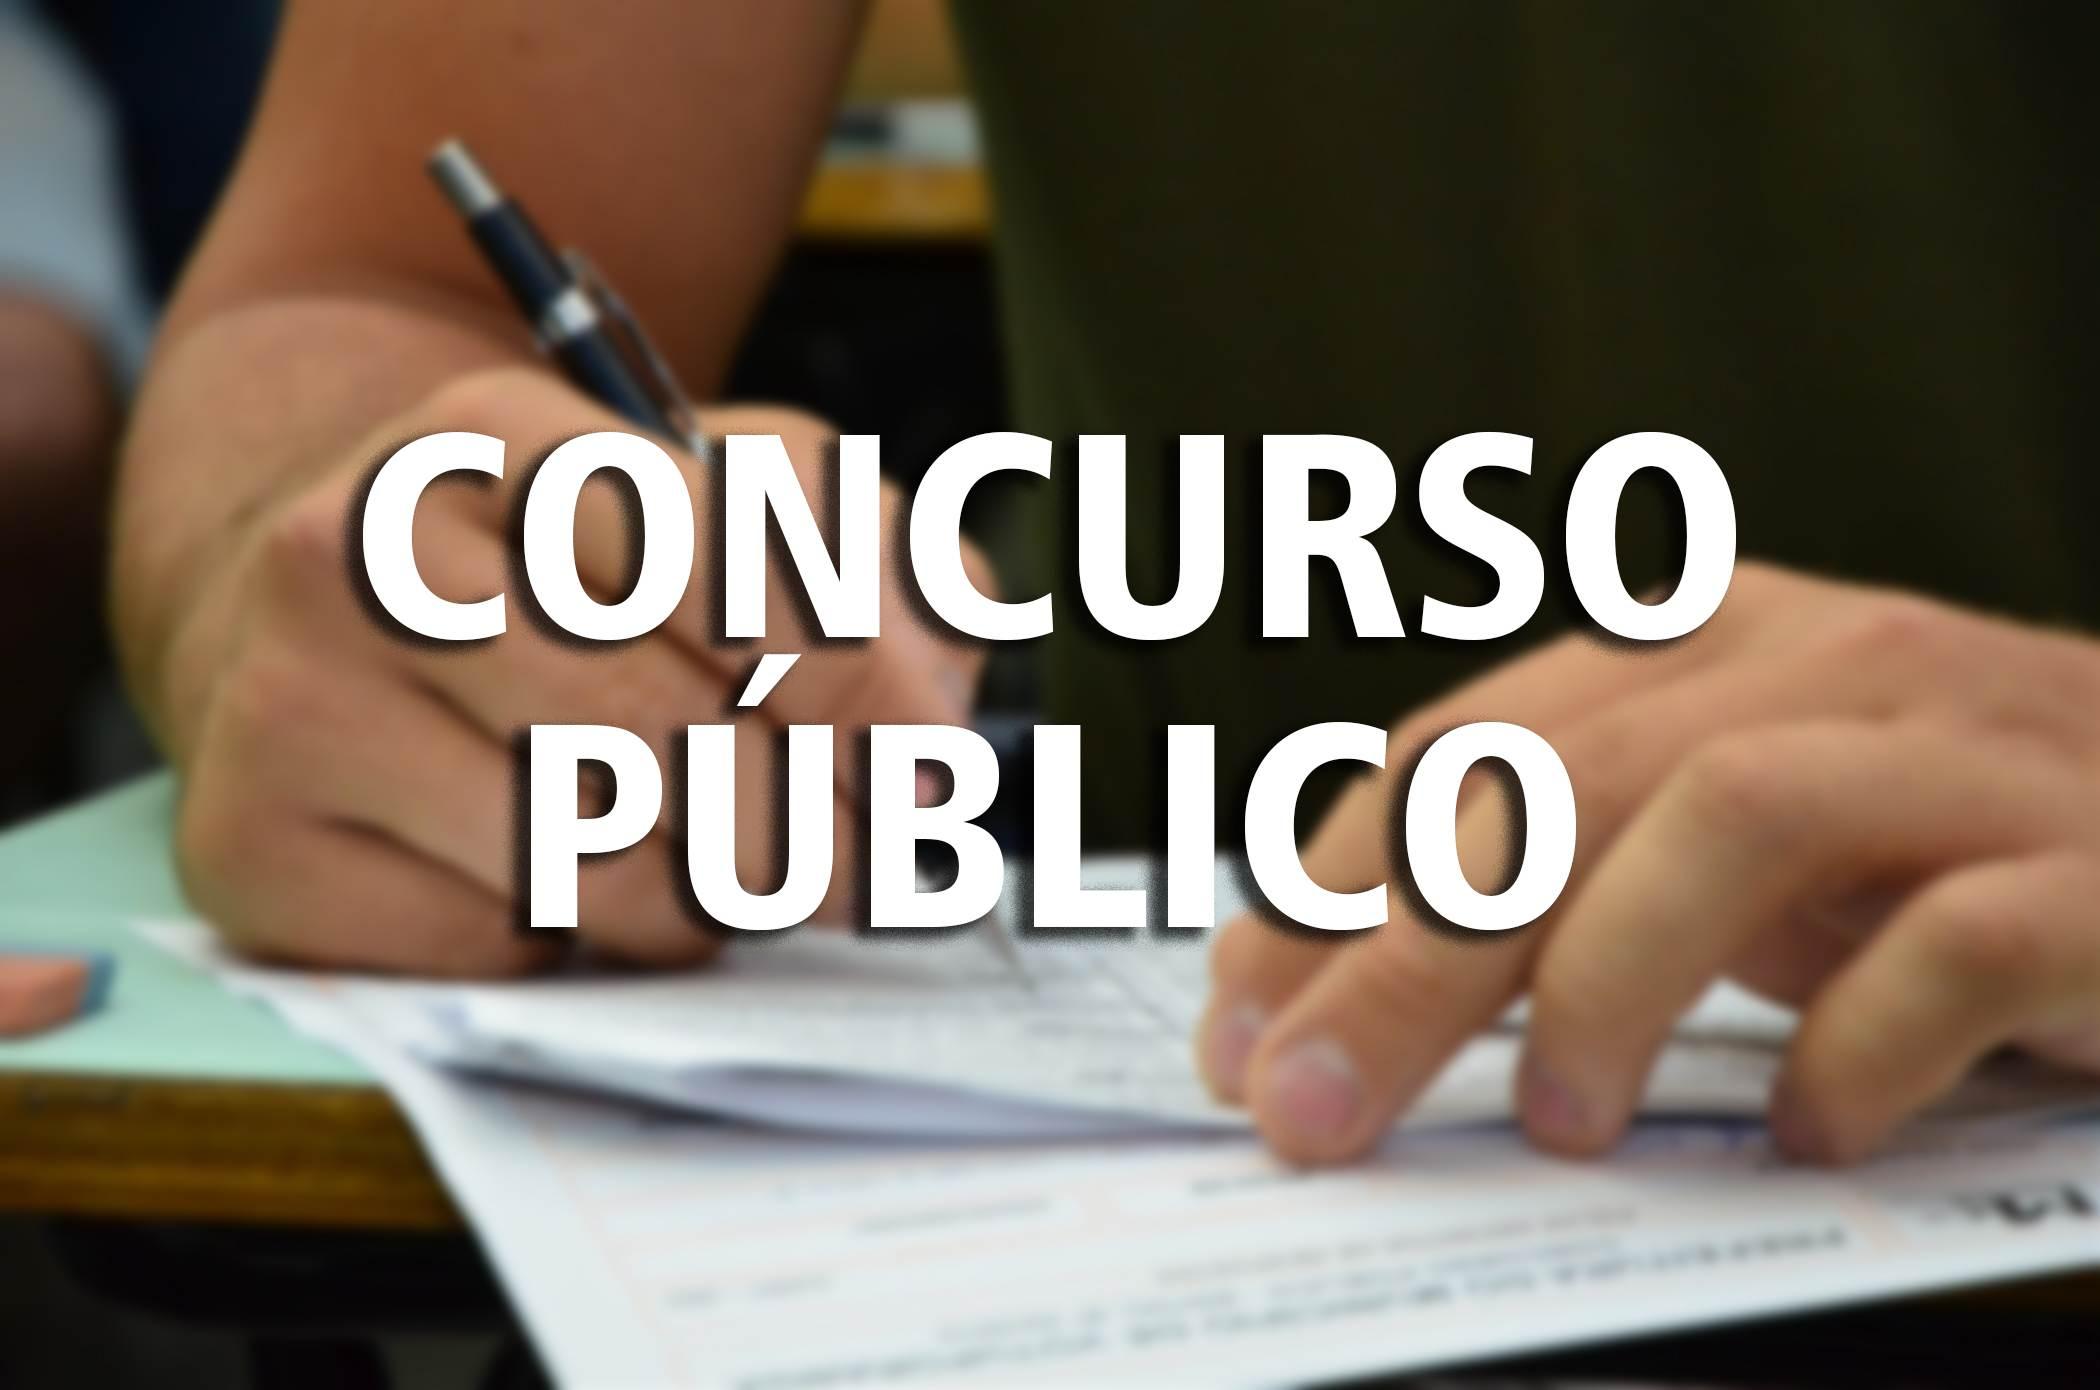 Concurso para a Câmara Municipal de Anápolis já tem cronograma e edital   Foto: Reprodução